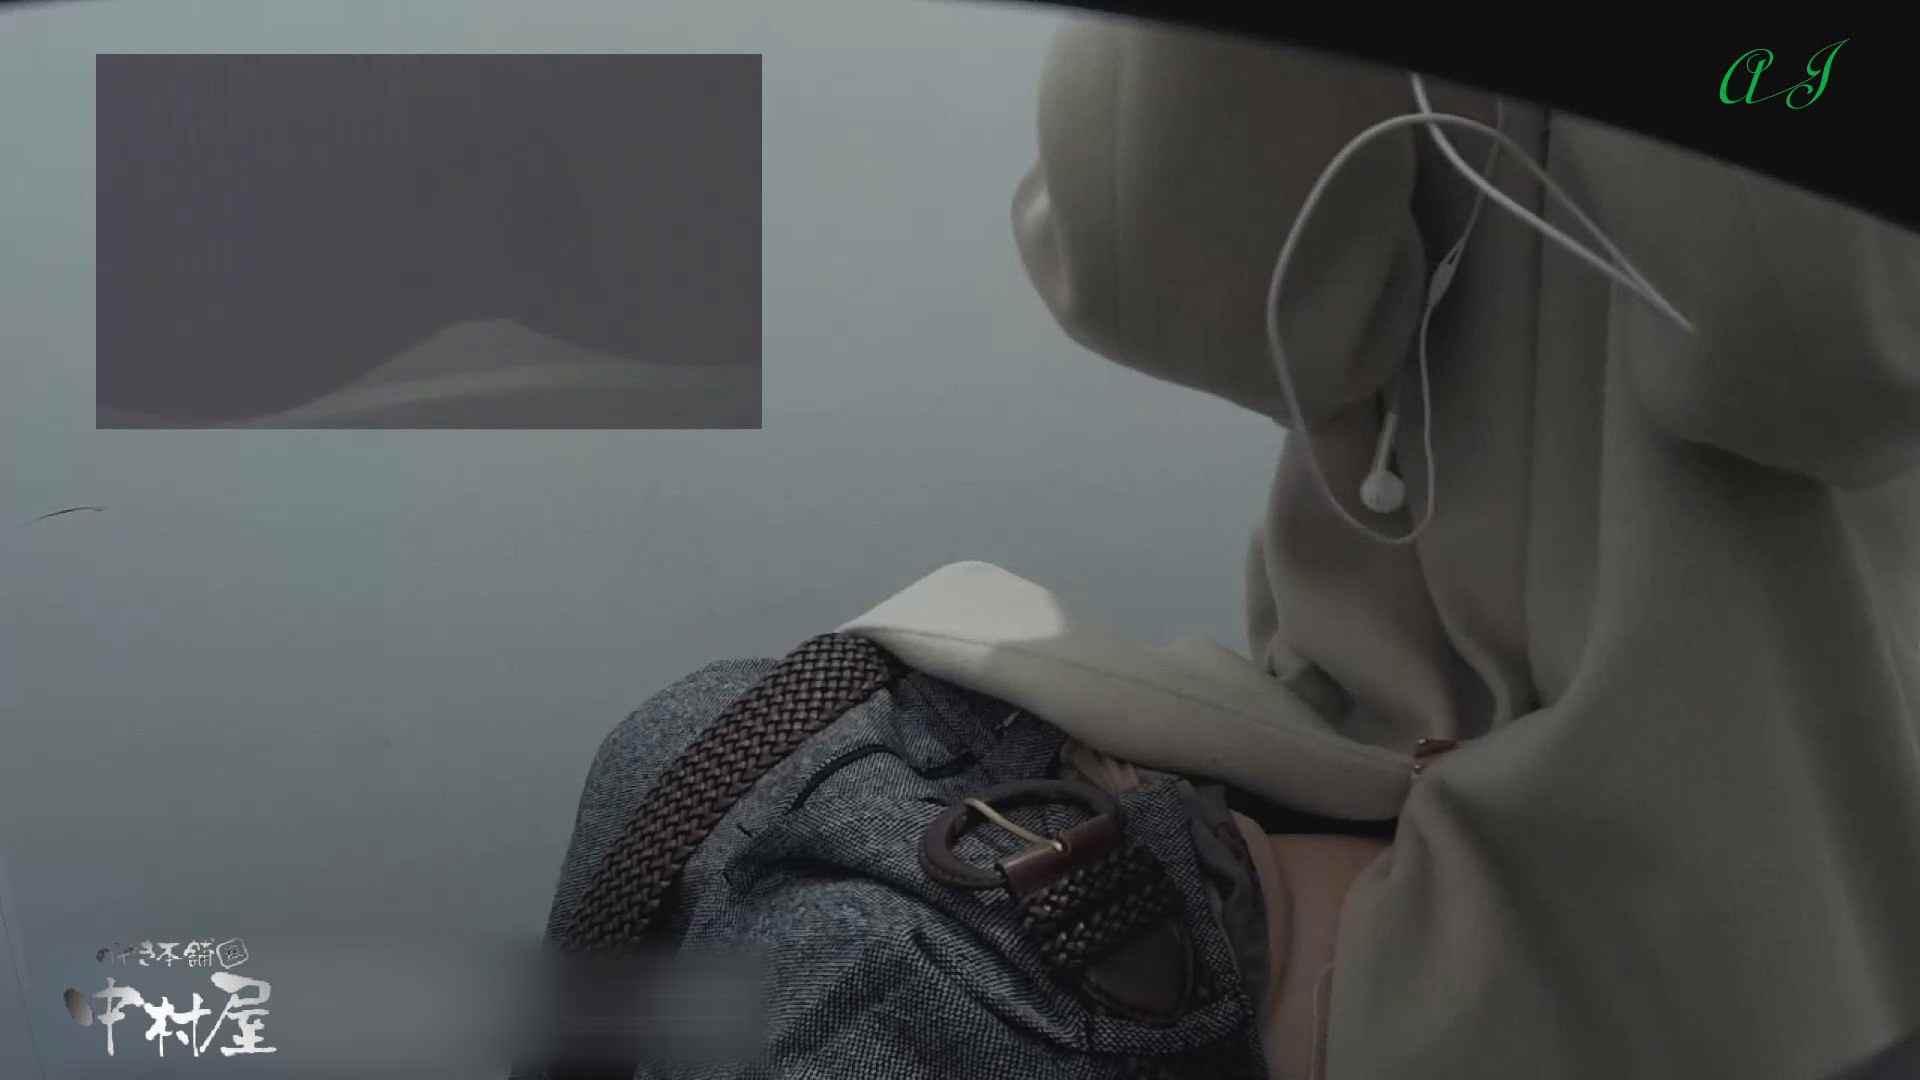 有名大学女性洗面所 vol.78 美女勢揃い 前編 潜入画像 | 人気シリーズ  74画像 69